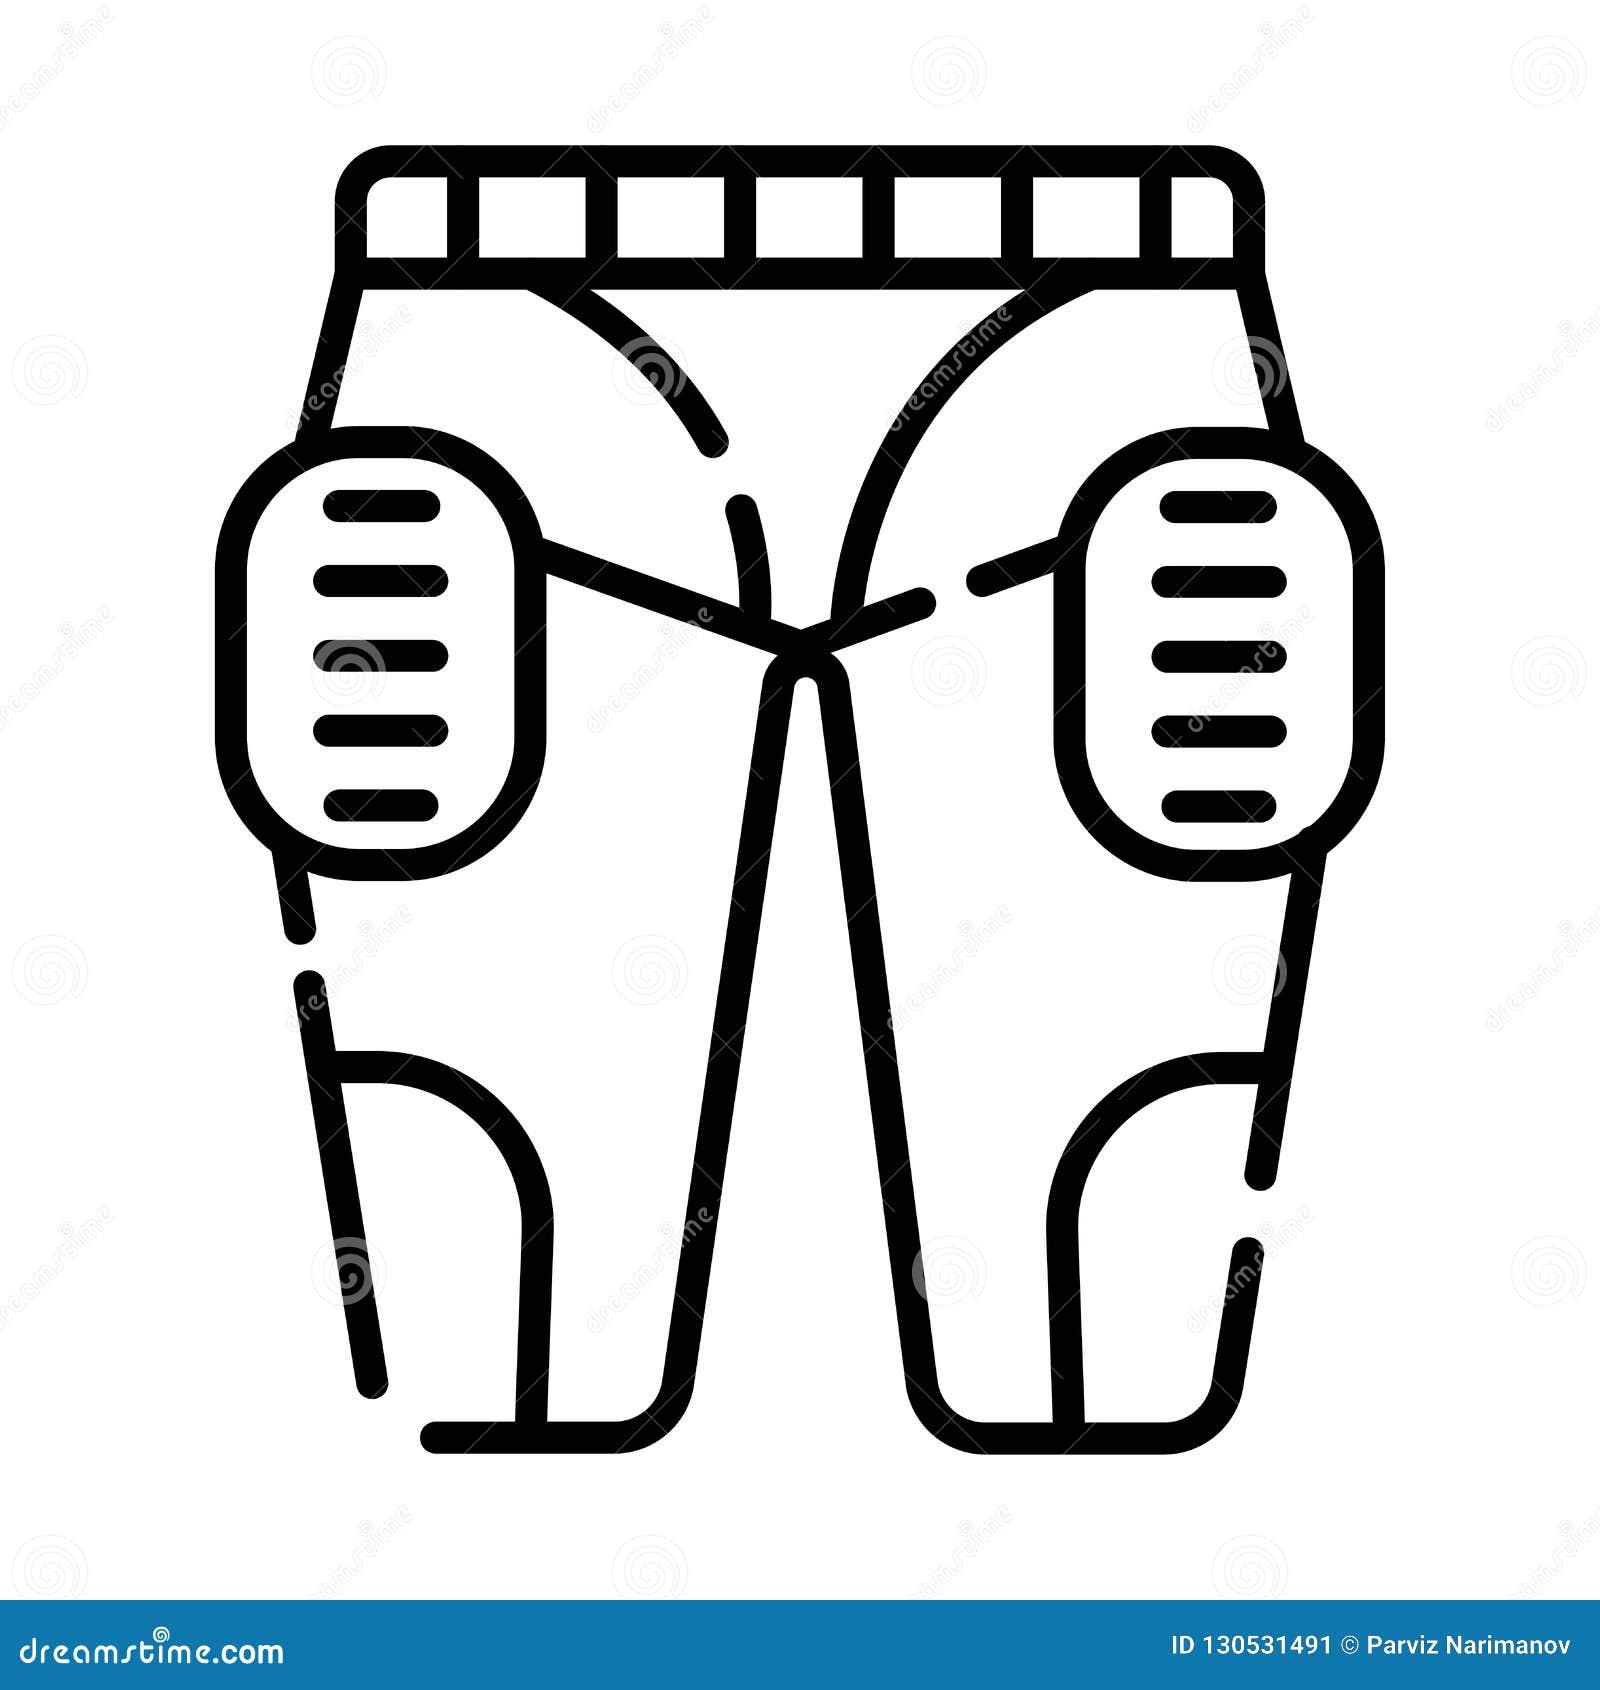 Spo Masculino De La Proteccion Del Futbol Americano De Los Pantalones De Los Hombres Uniformes De La Ropa Stock De Ilustracion Ilustracion De Uniformes Proteccion 130531491